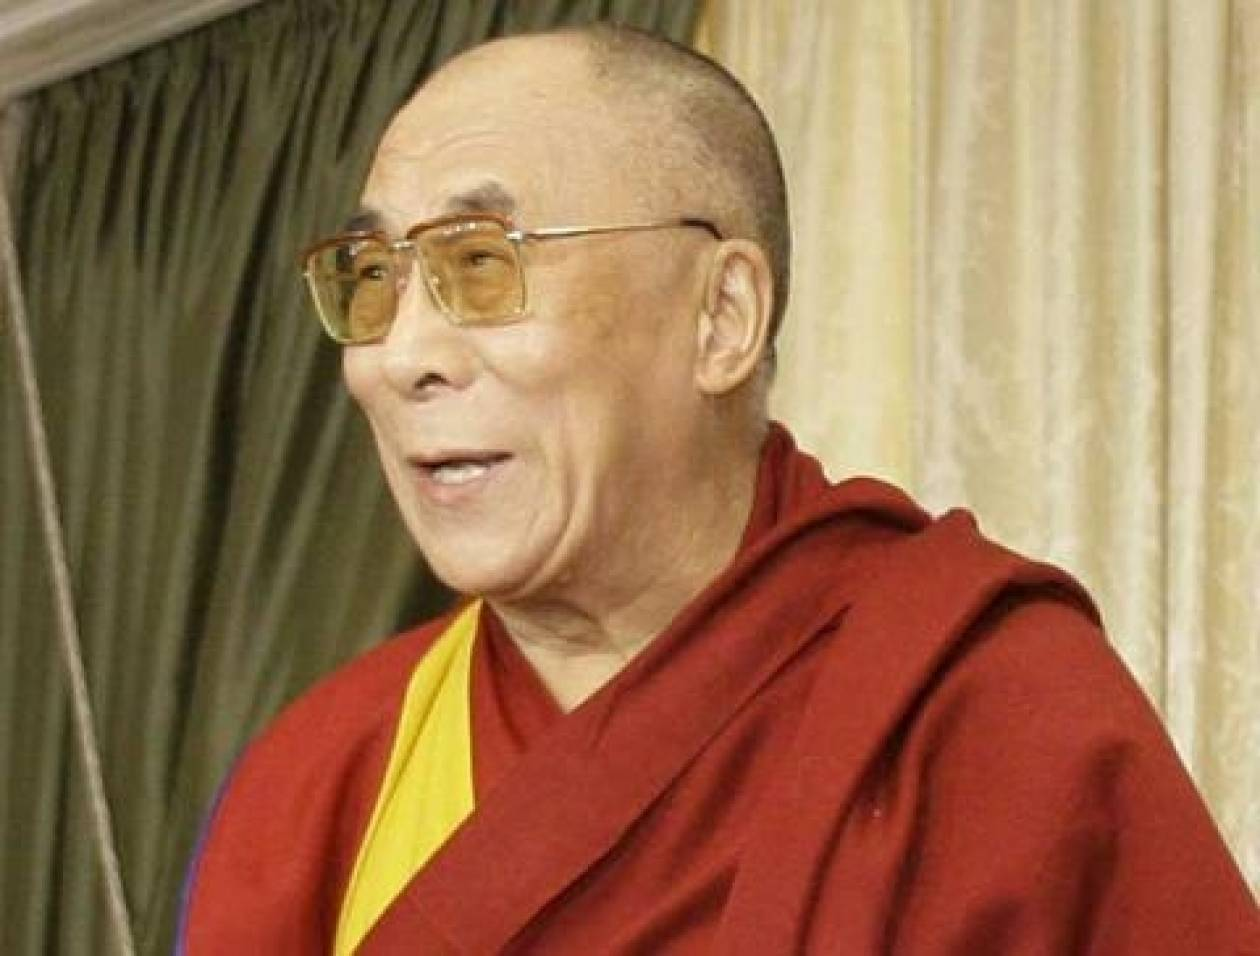 Αντιδρά η Κίνα στη συνάντηση Ομπάμα - Δαλάι Λάμα